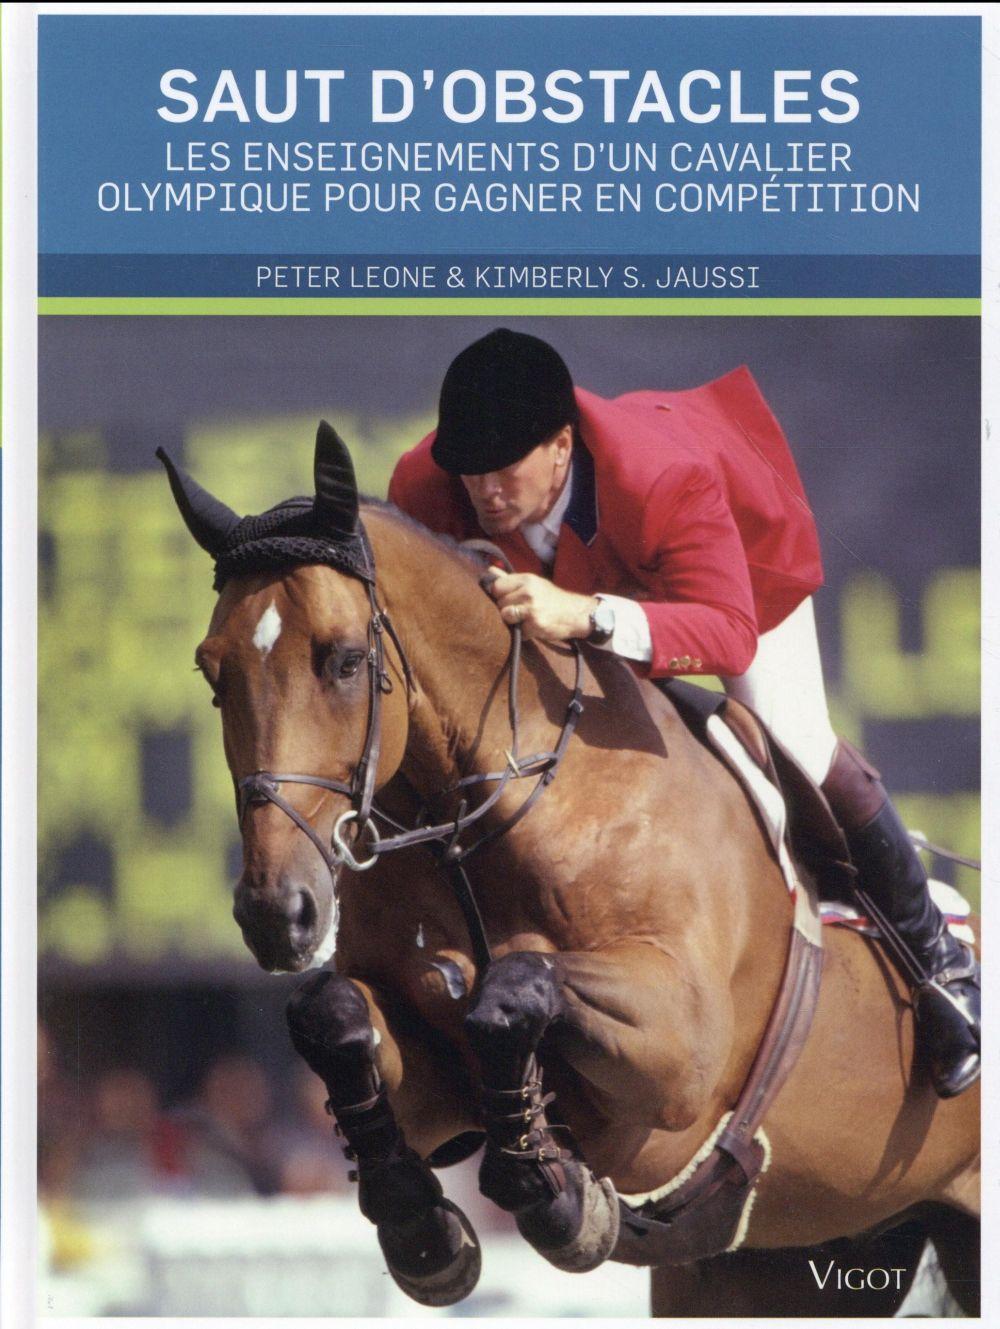 Saut d'obstacle ; les enseignements d'un cavalier olympique pour gagner en compétition